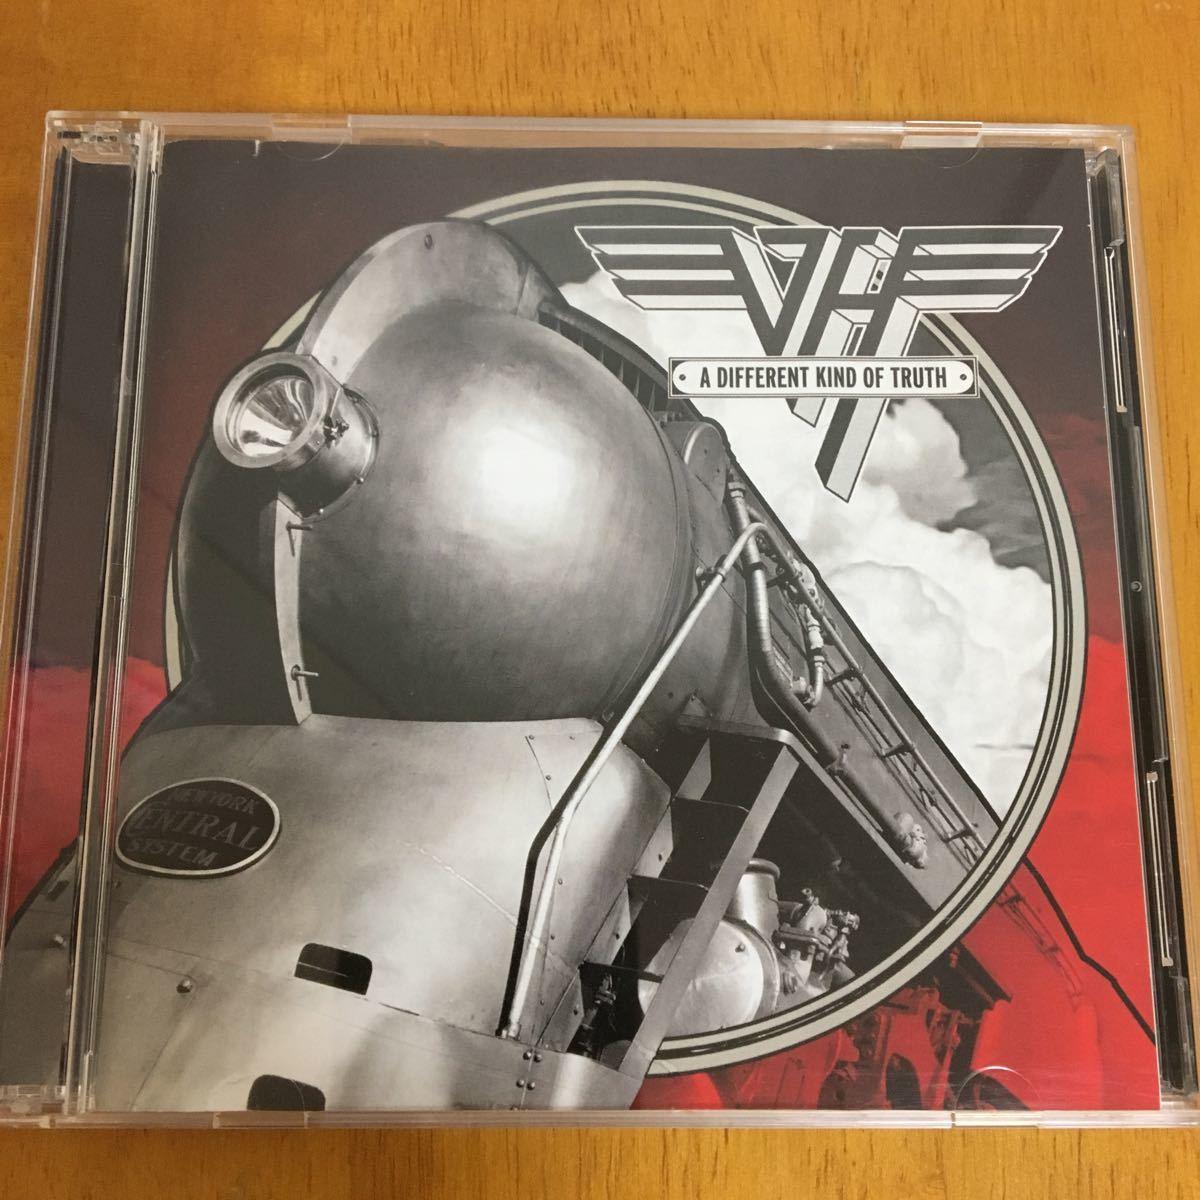 ヴァン・ヘイレン/ア・ディファレント・カインド・オブ・トゥルース CD+DVD